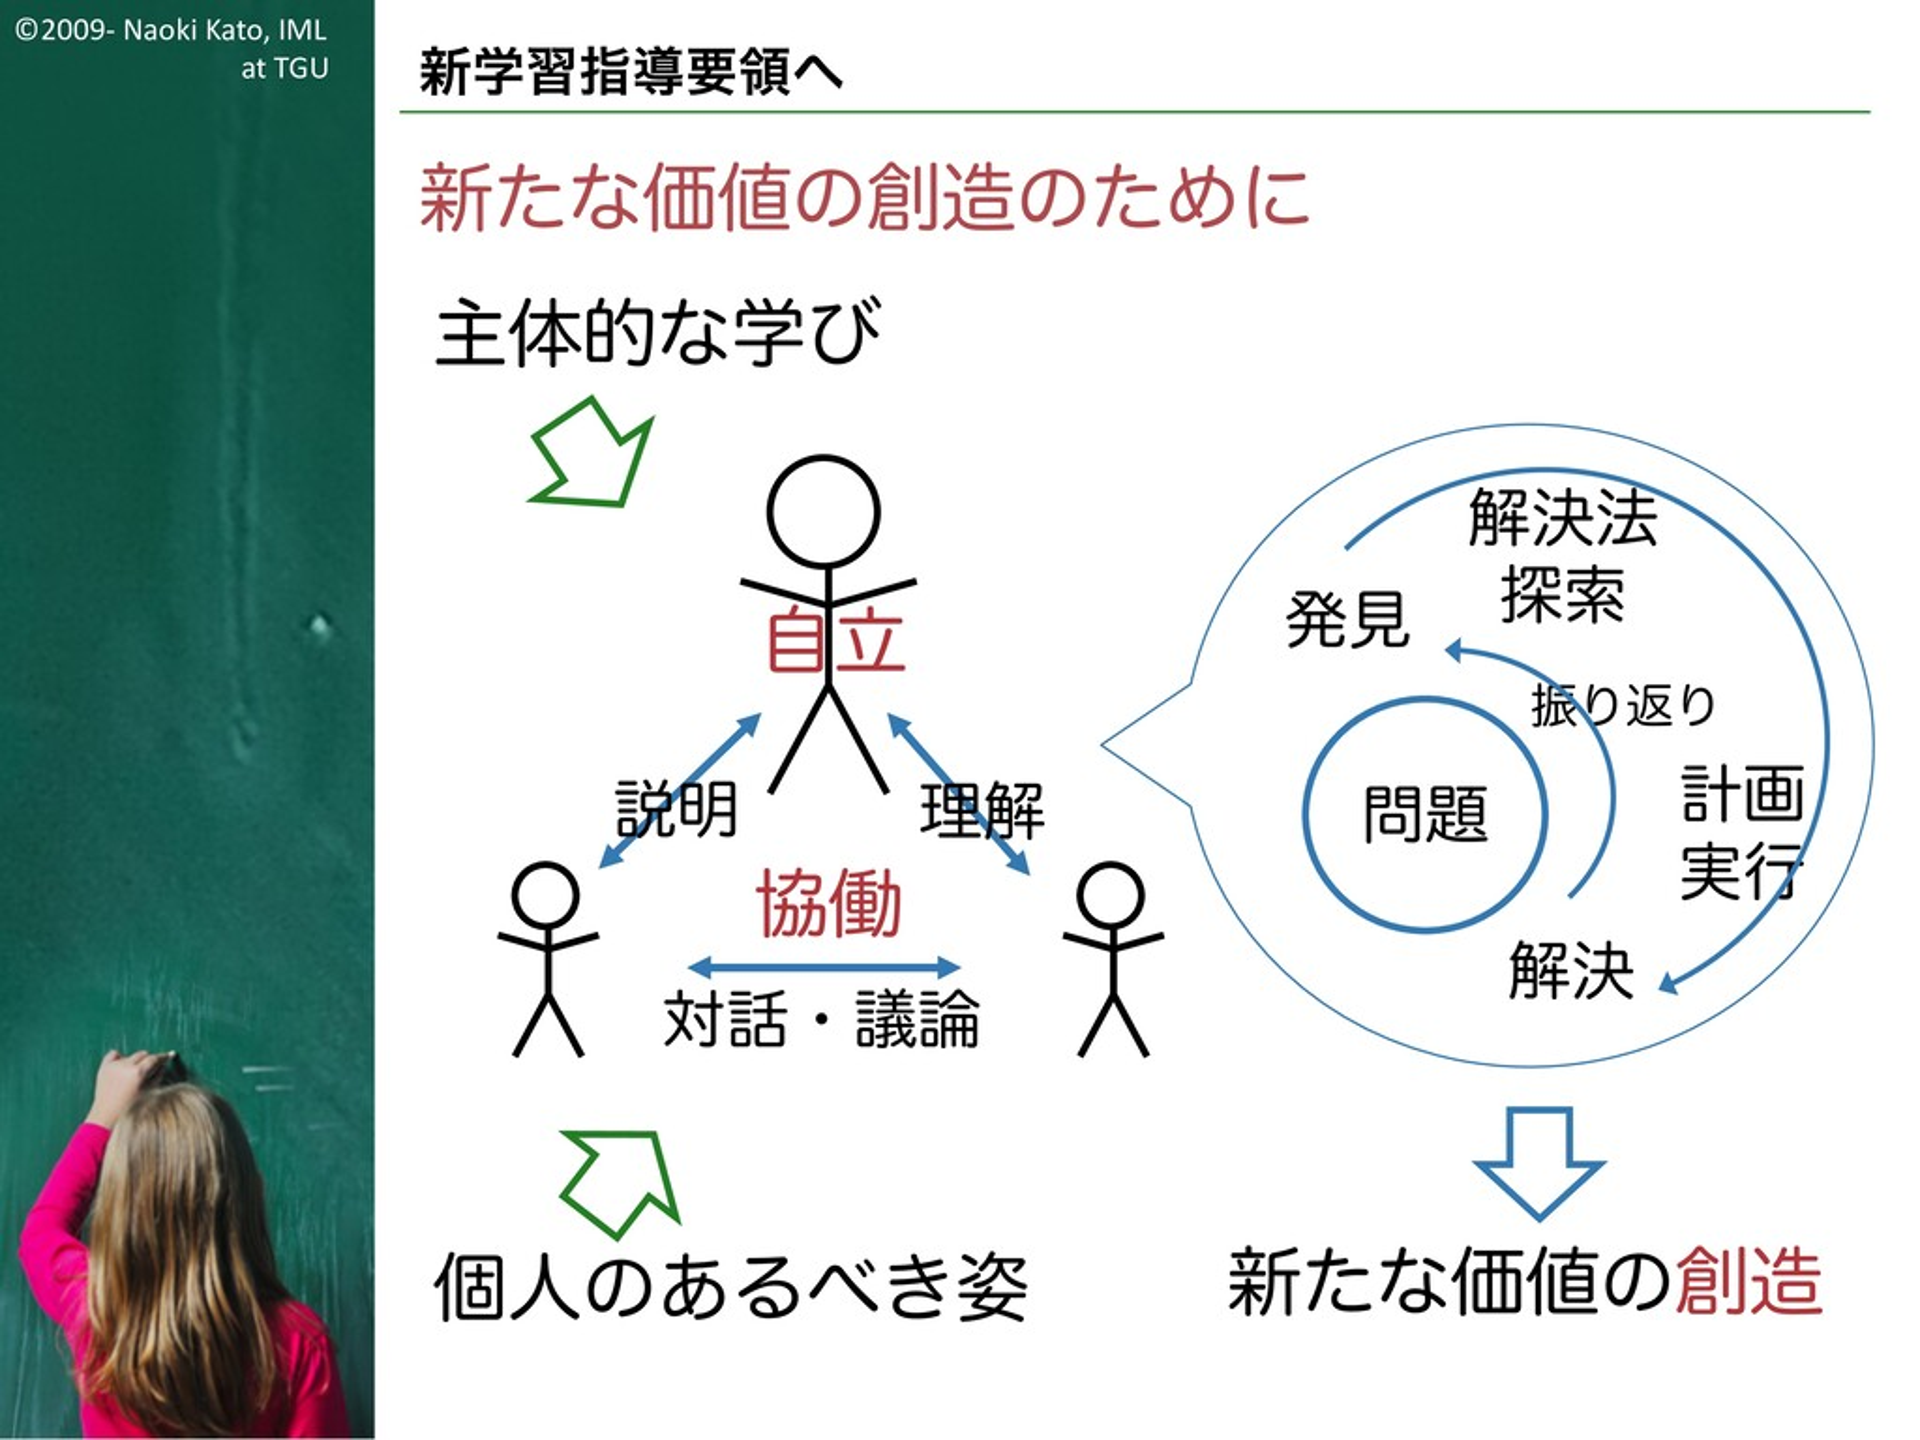 ©2009- Naoki Kato, IML at TGU 新学習指導要領へ 新たな価値の創造...